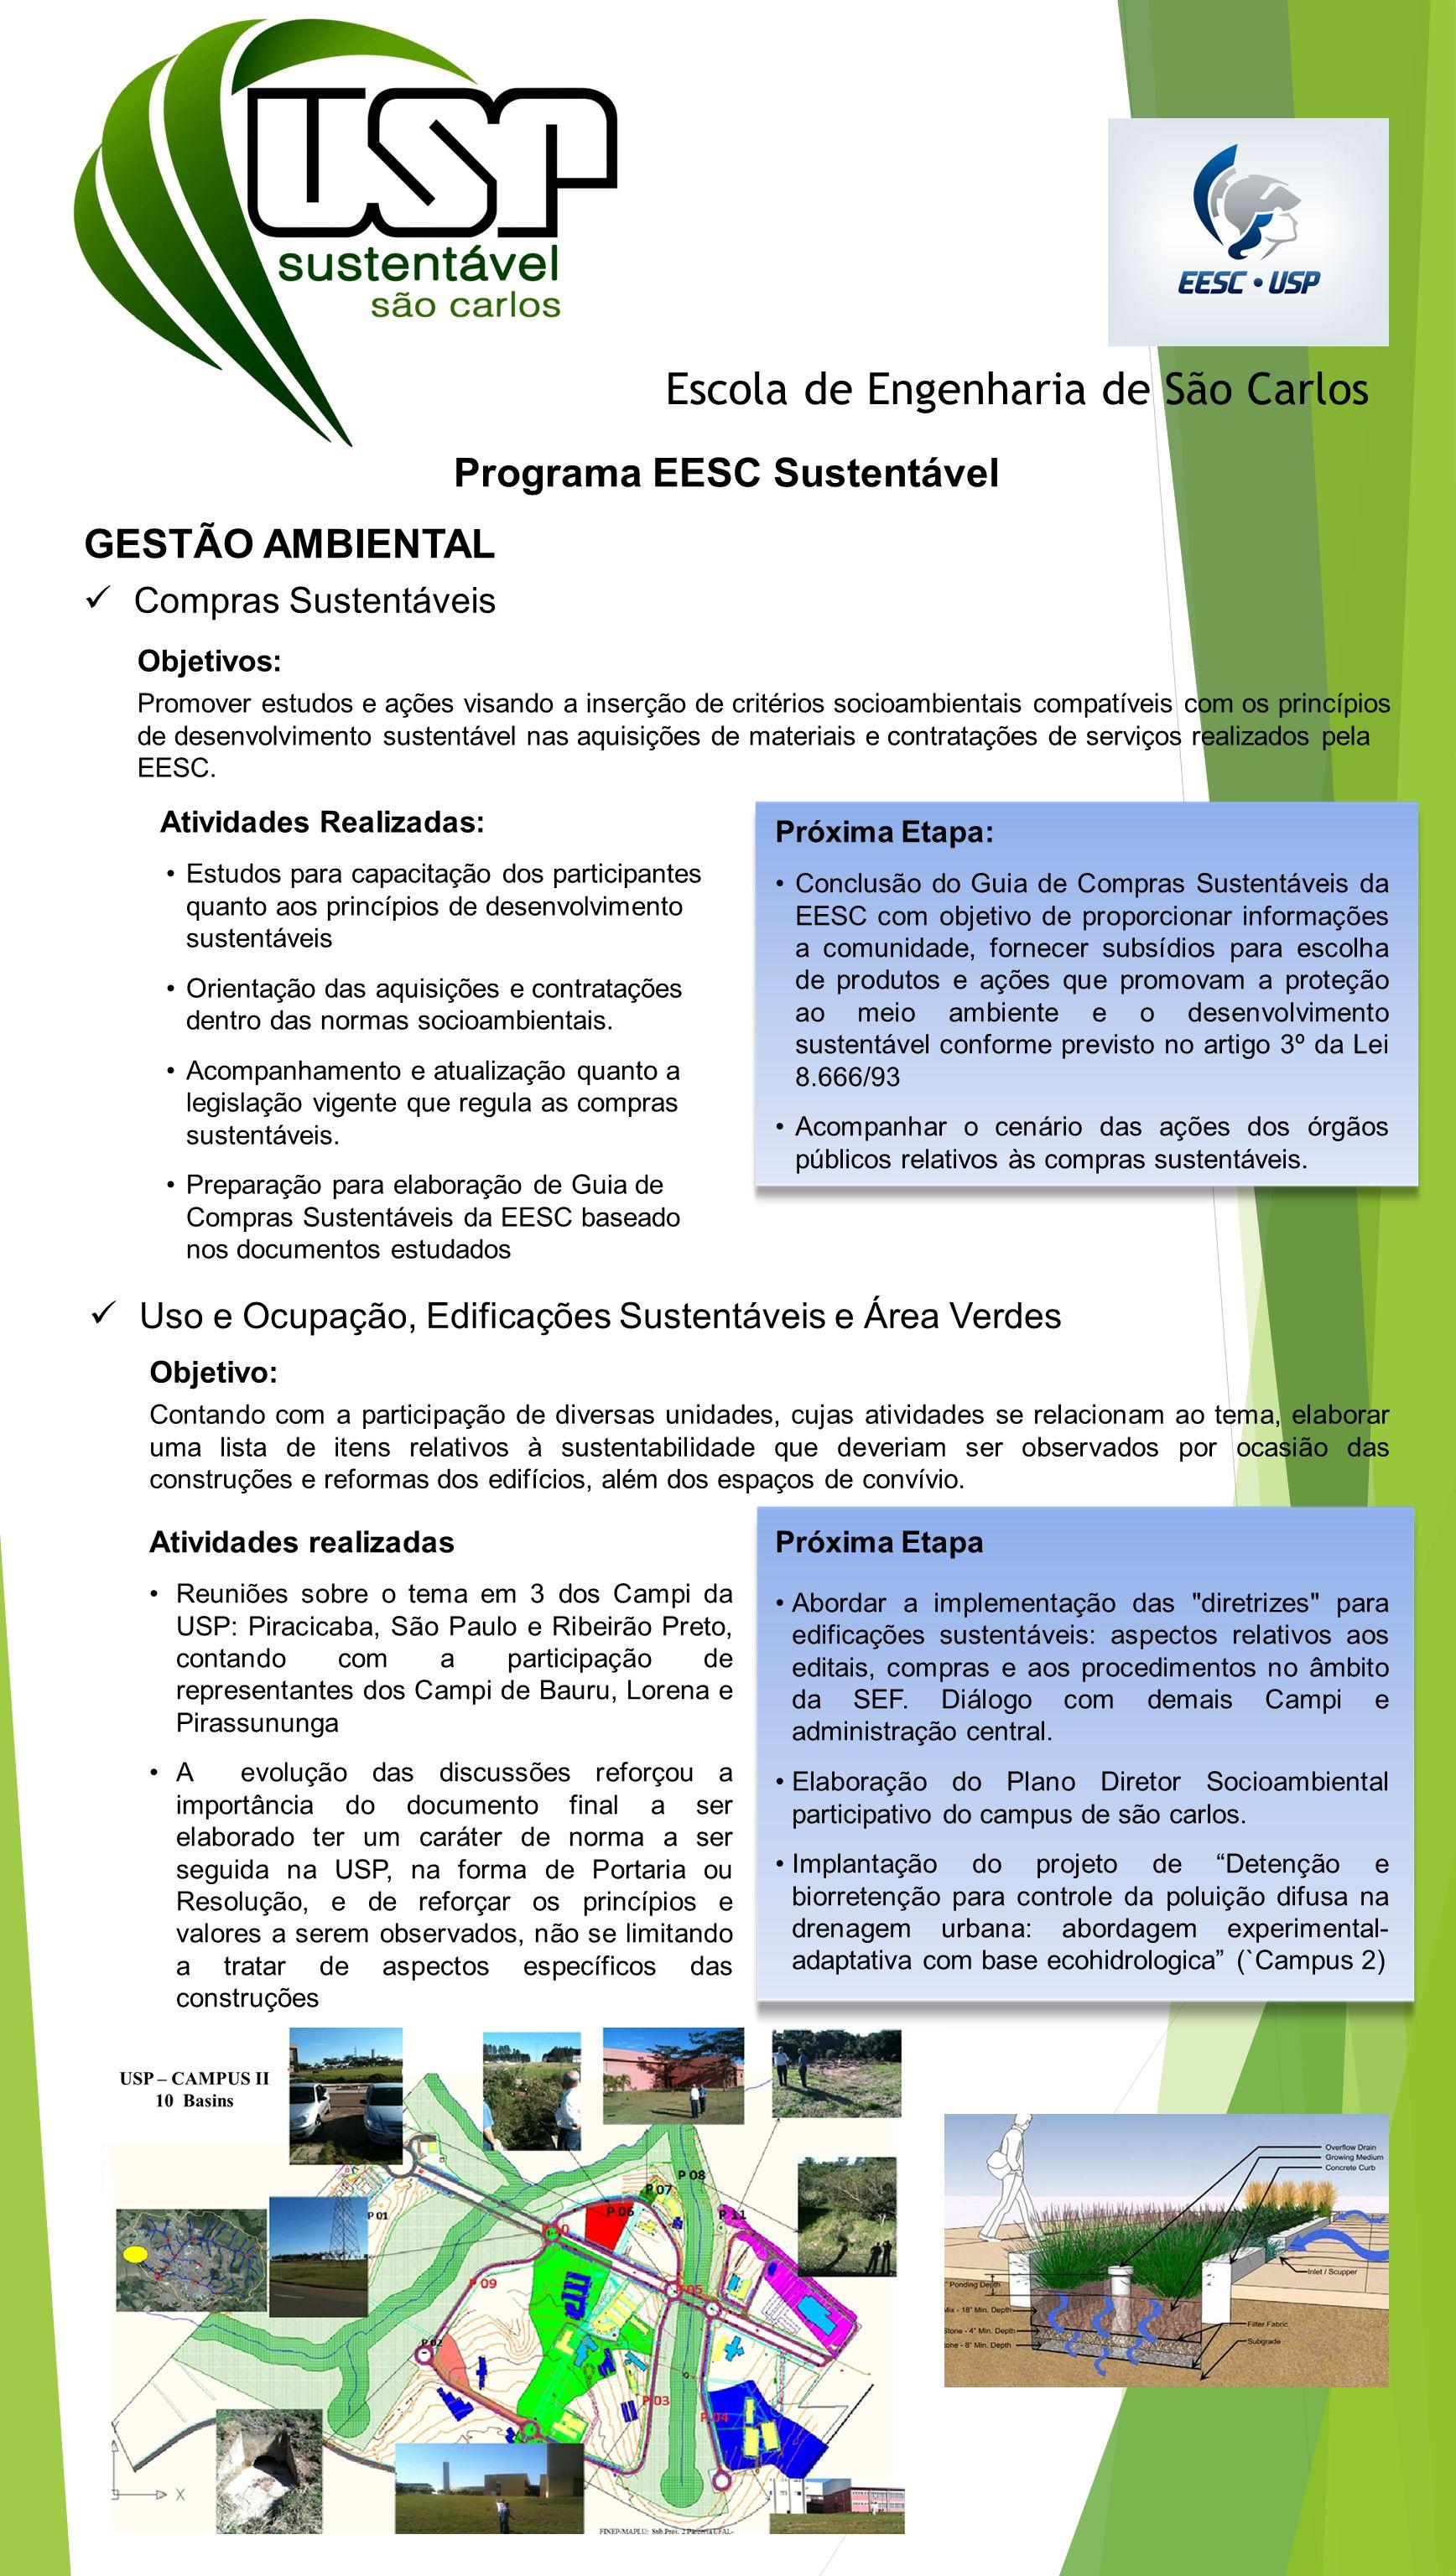 Escola de Engenharia de São Carlos Programa EESC Sustentável Objetivos: Promover estudos e ações visando a inserção de critérios socioambientais compatíveis com os princípios de desenvolvimento sustentável nas aquisições de materiais e contratações de serviços realizados pela EESC.